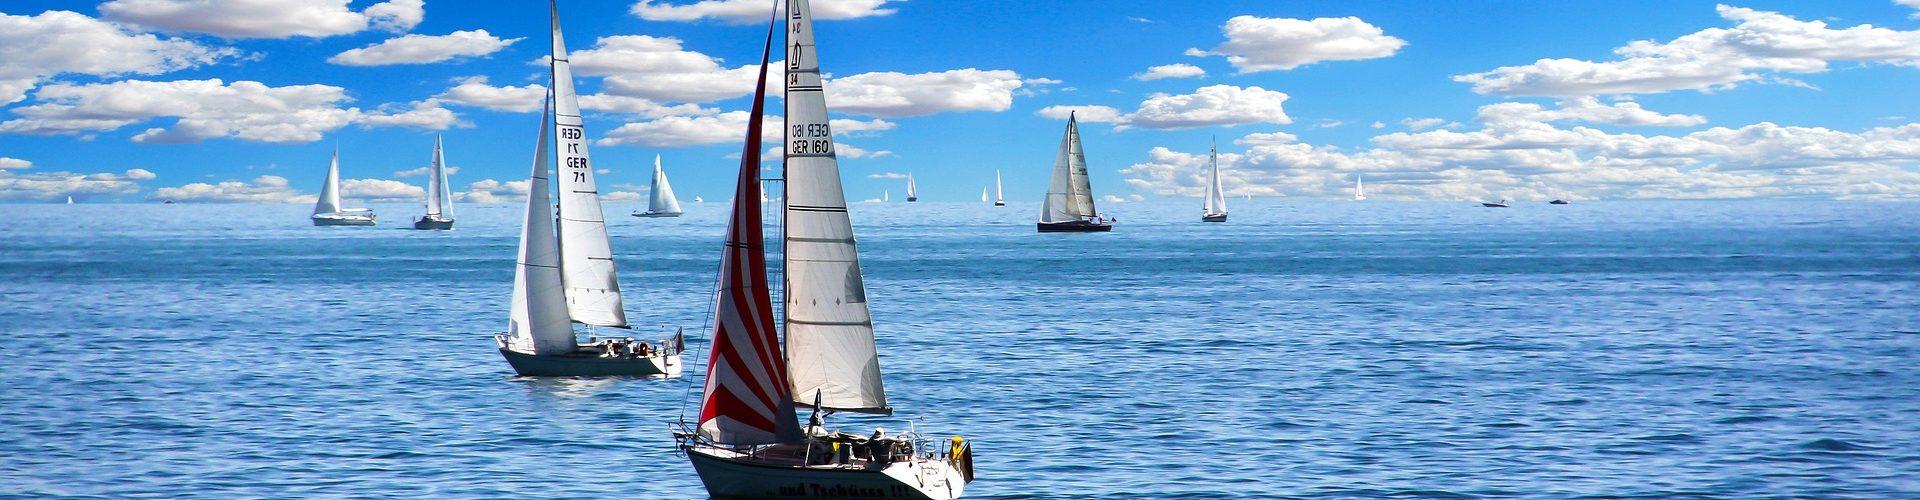 segeln lernen in Bad Pyrmont segelschein machen in Bad Pyrmont 1920x500 - Segeln lernen in Bad Pyrmont